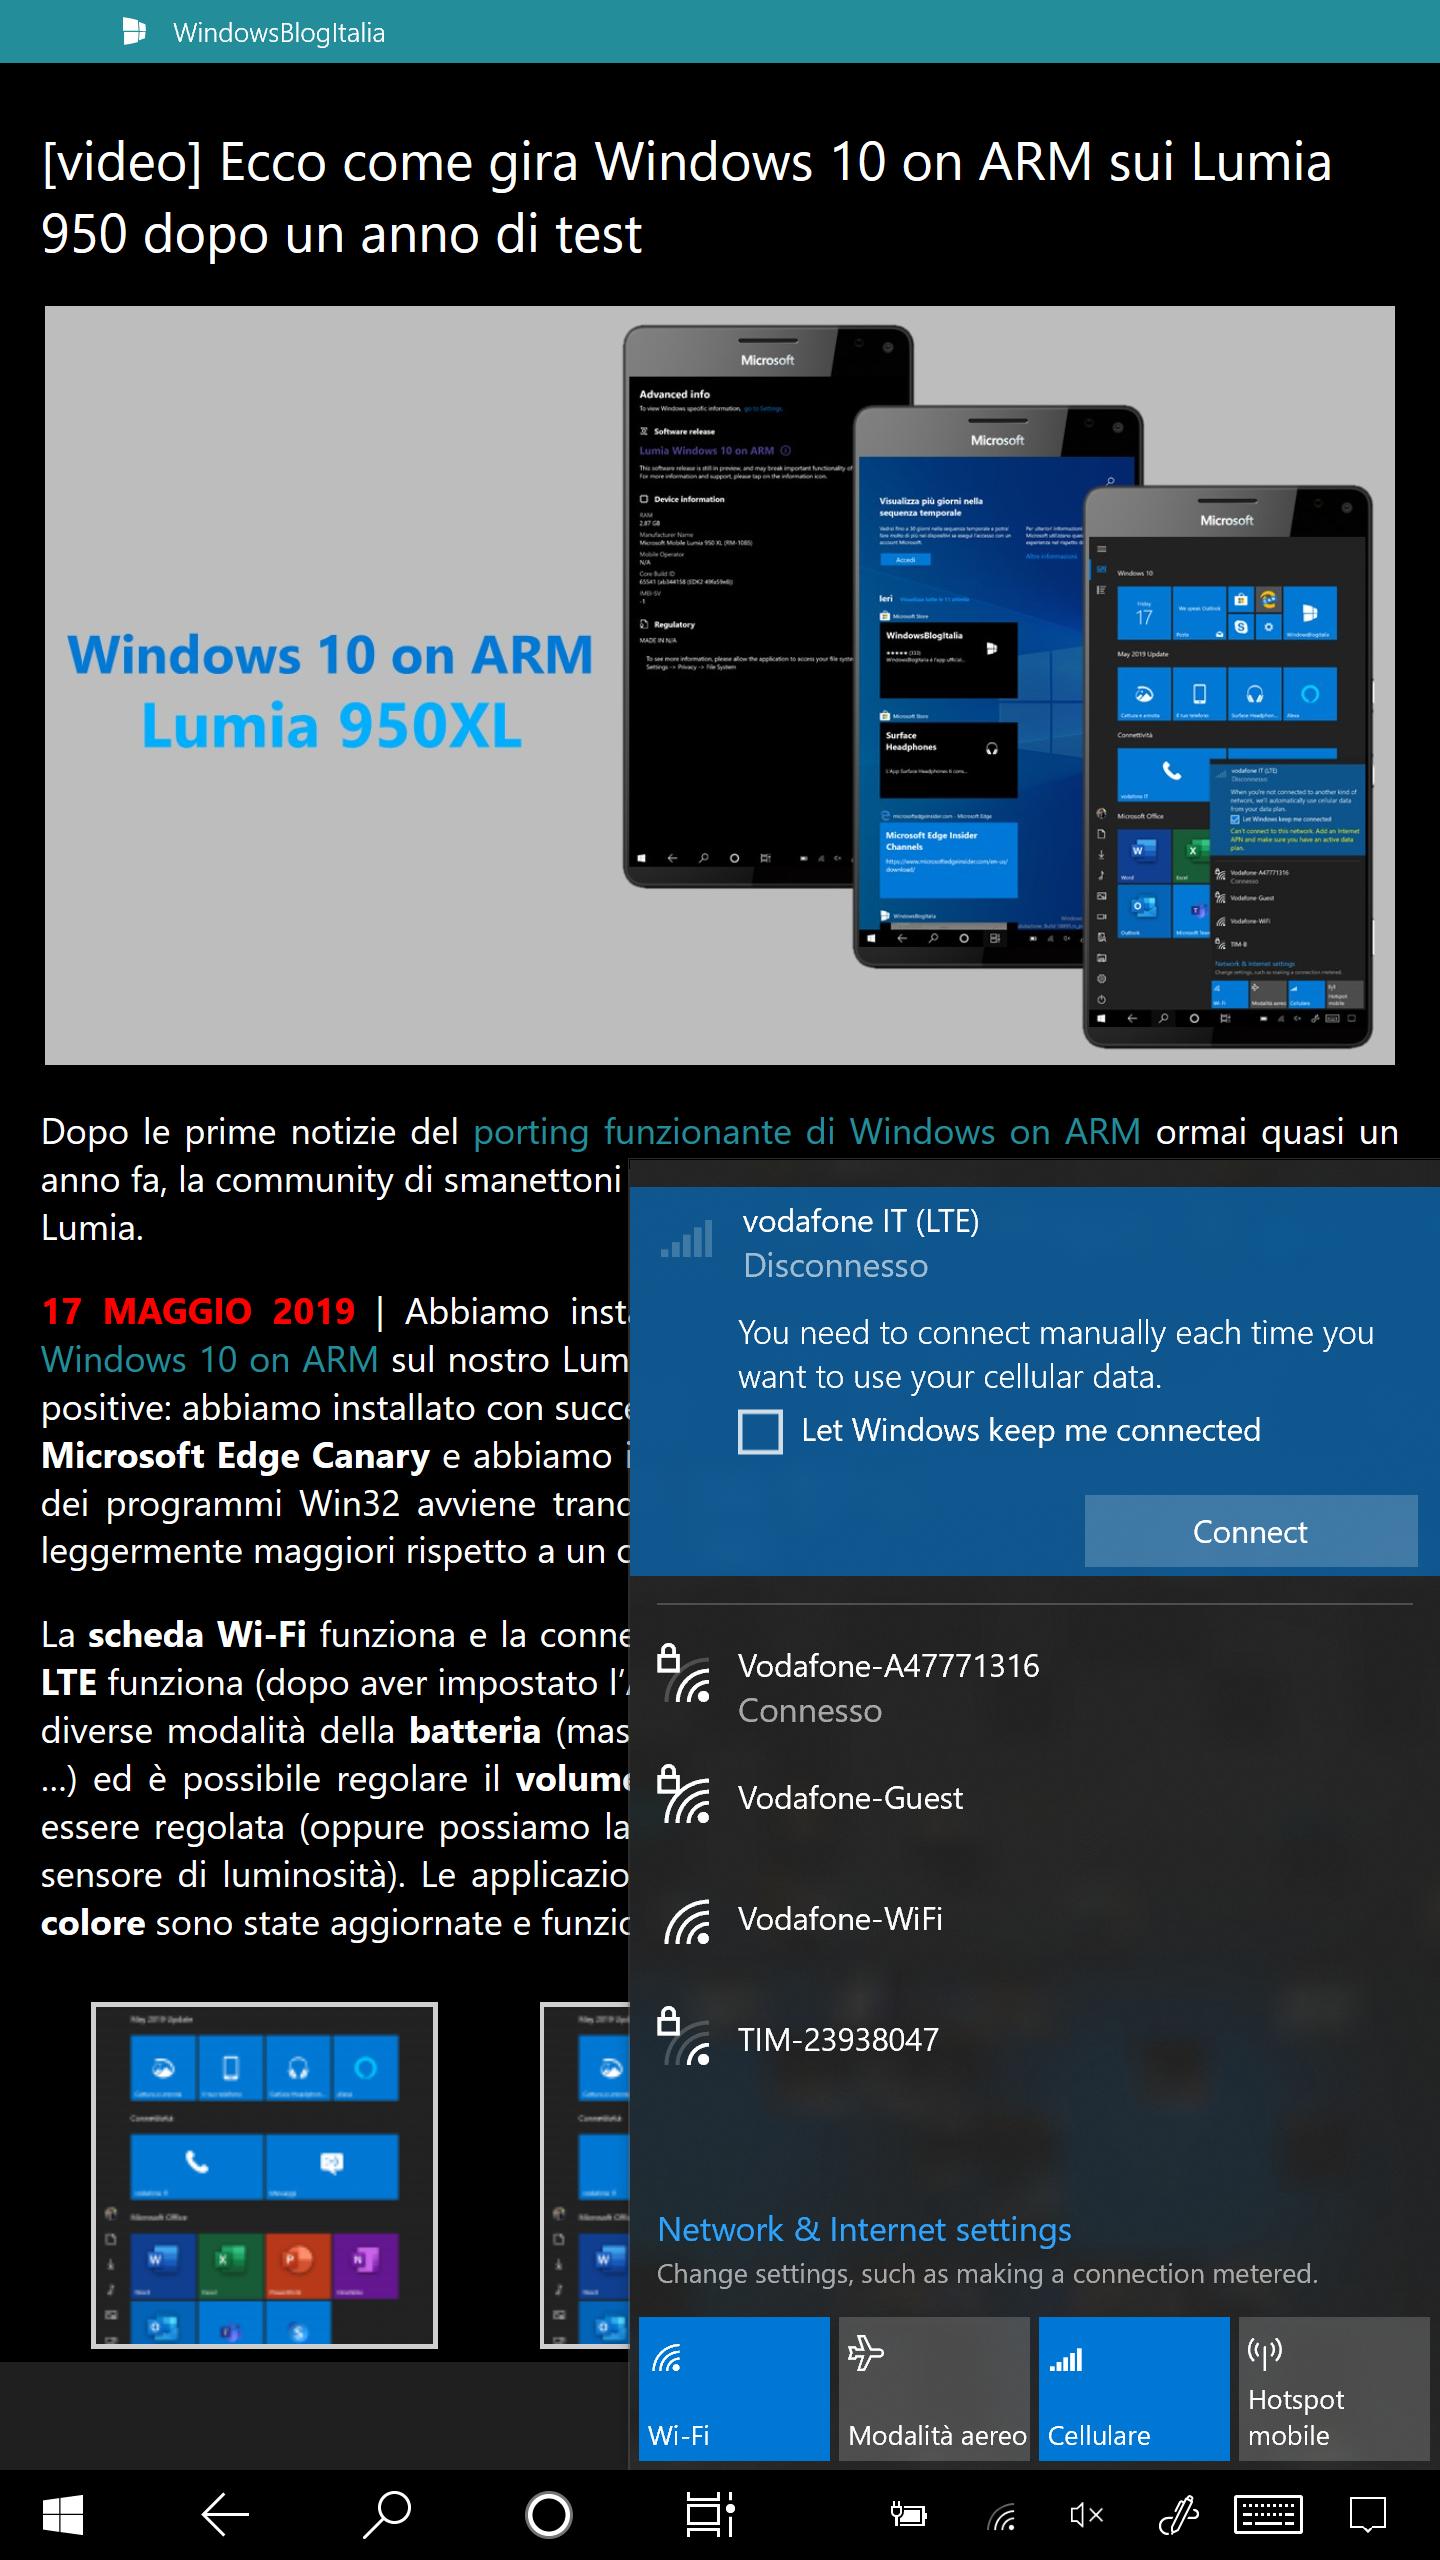 video] Hands-on e guida all'installazione di Windows 10 on ARM per